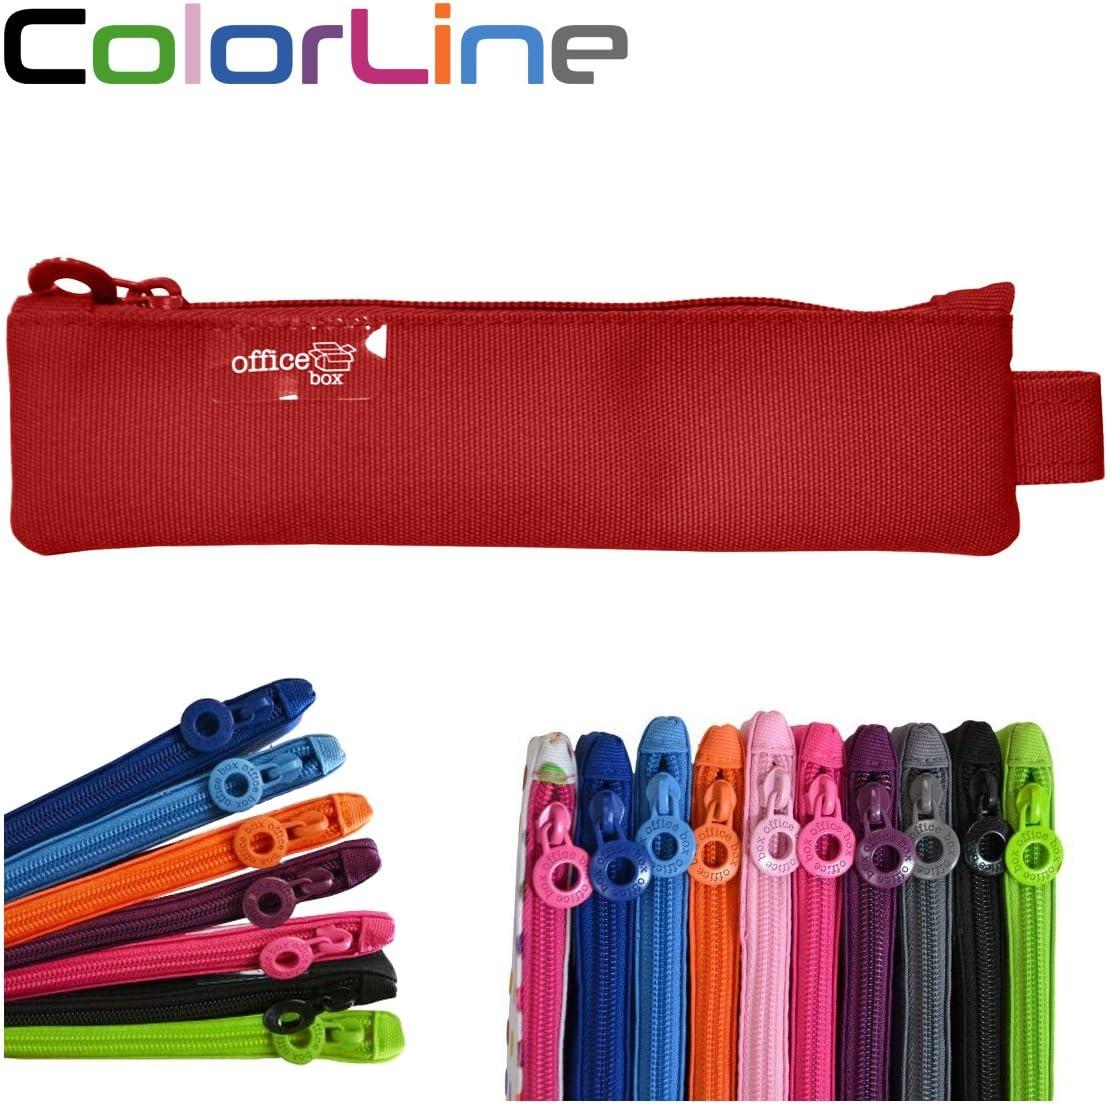 Colorline 59411 - Portatodo Mini, Estuche Multiuso para Viaje, Material Escolar, Neceser y Pequeños Objetos, Color Fucsia, Medidas 20 cm x 5 cm: Amazon.es: Oficina y papelería